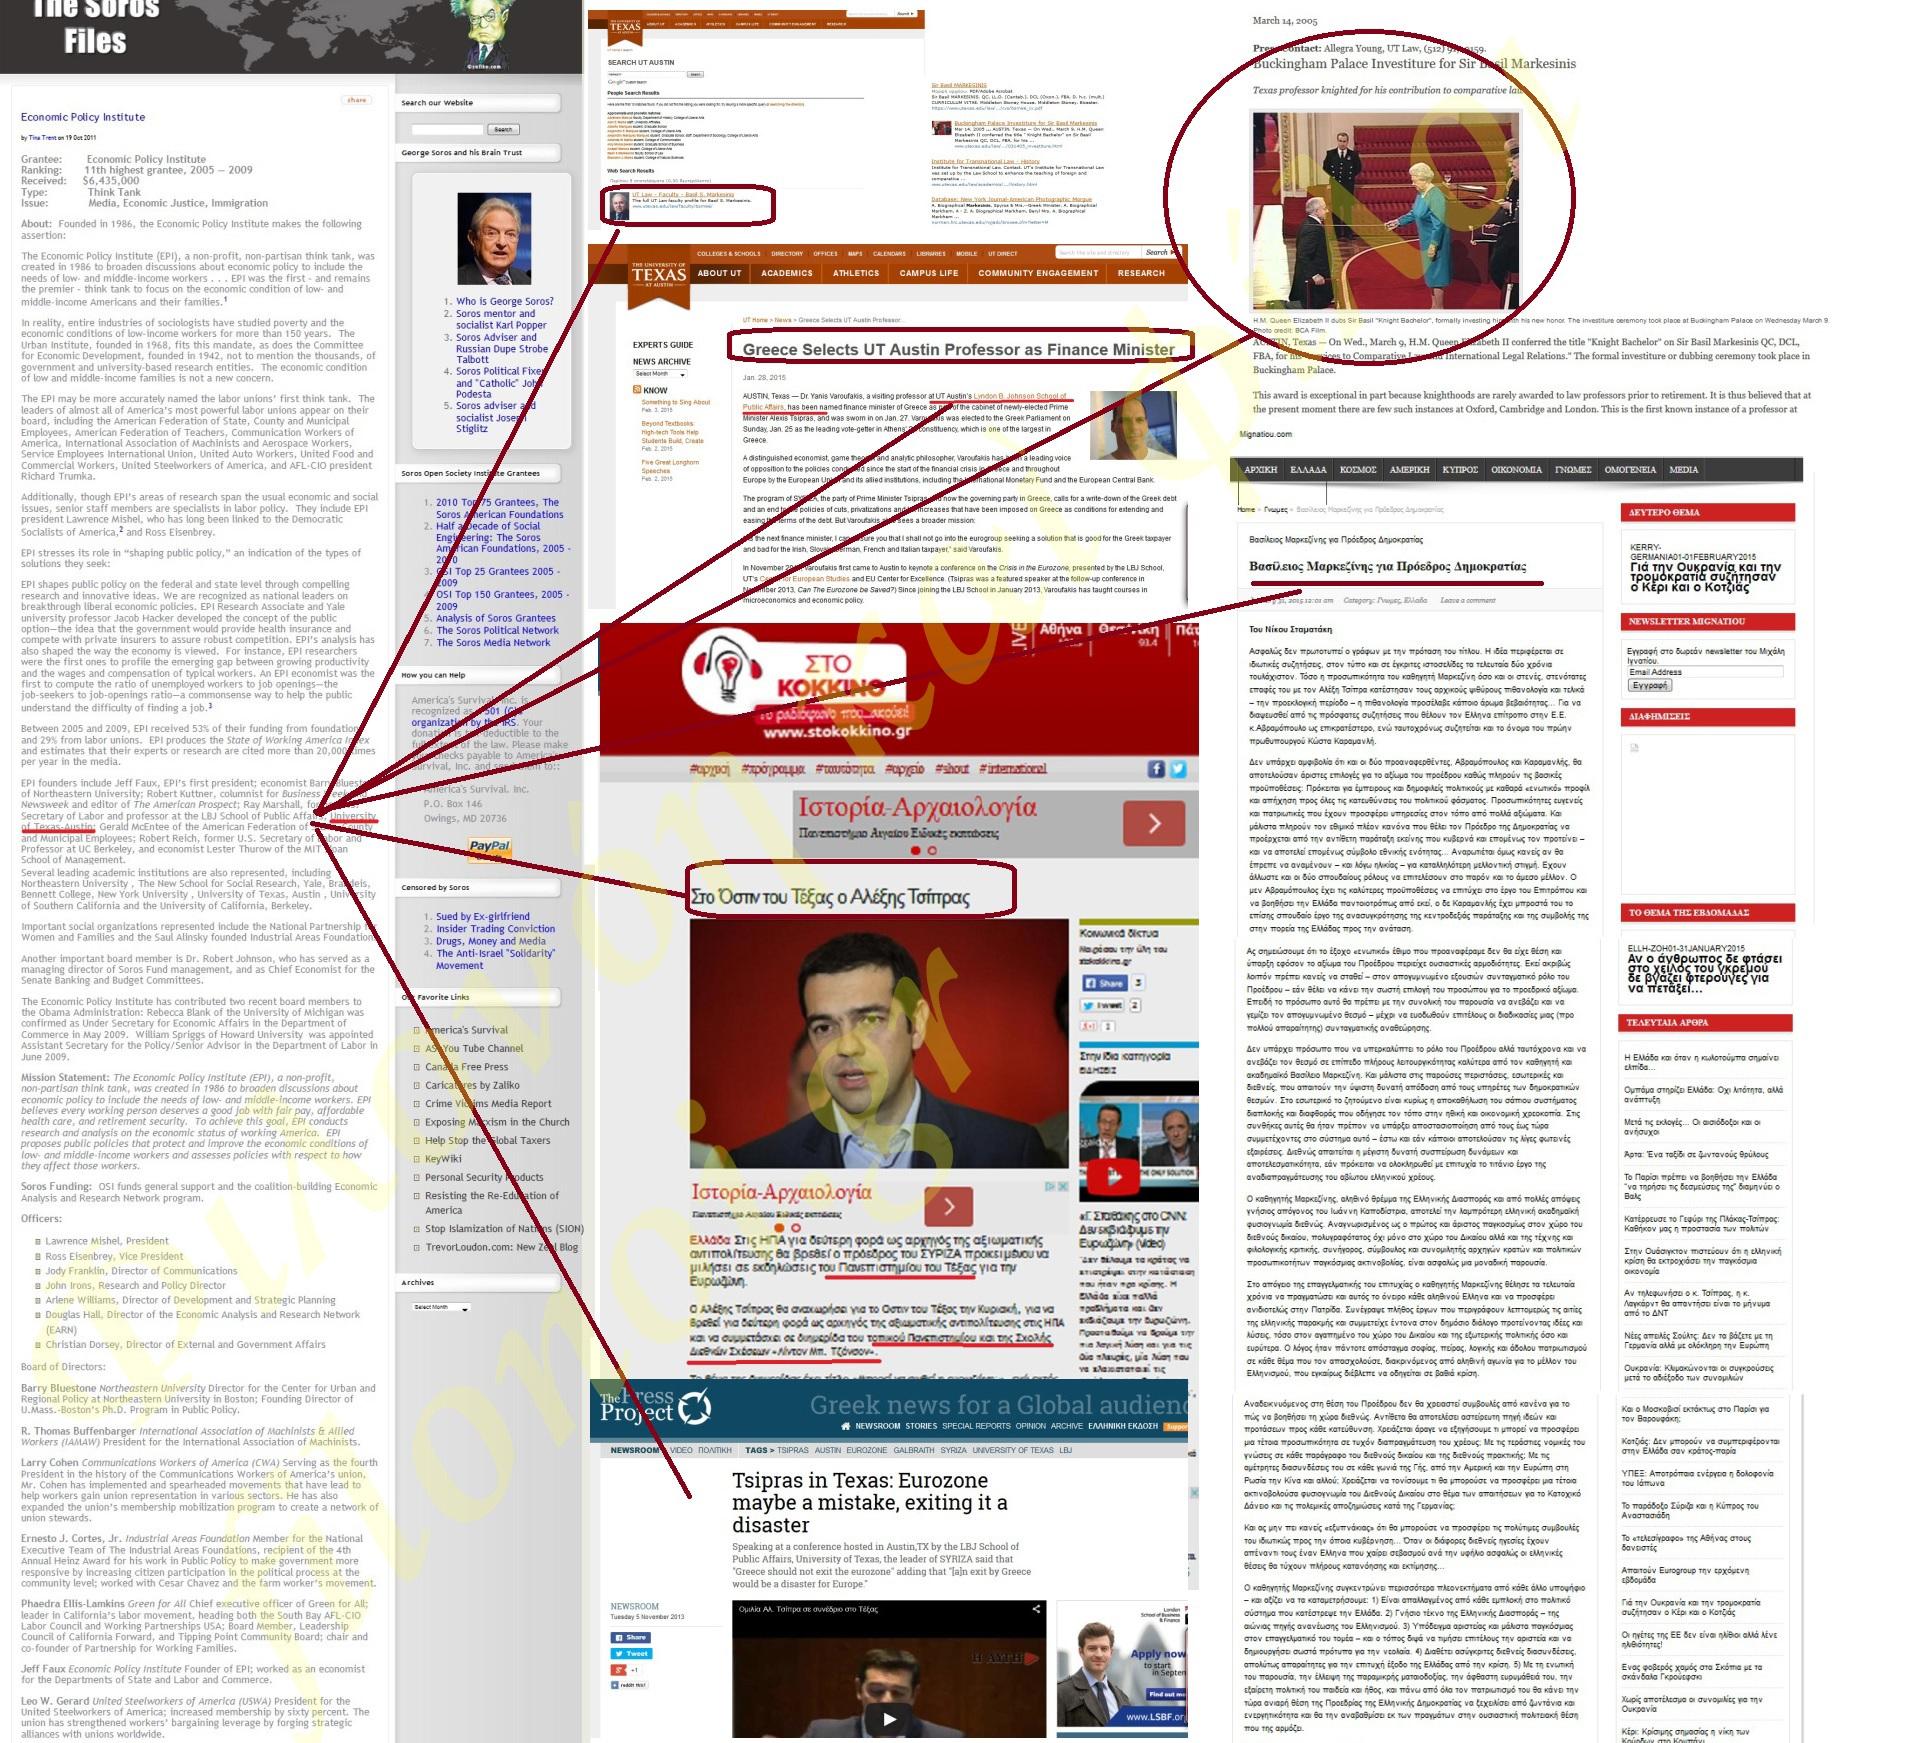 Ὁ Soros ἀπαιτεῖ «ἄμεση δημοκρατία».9